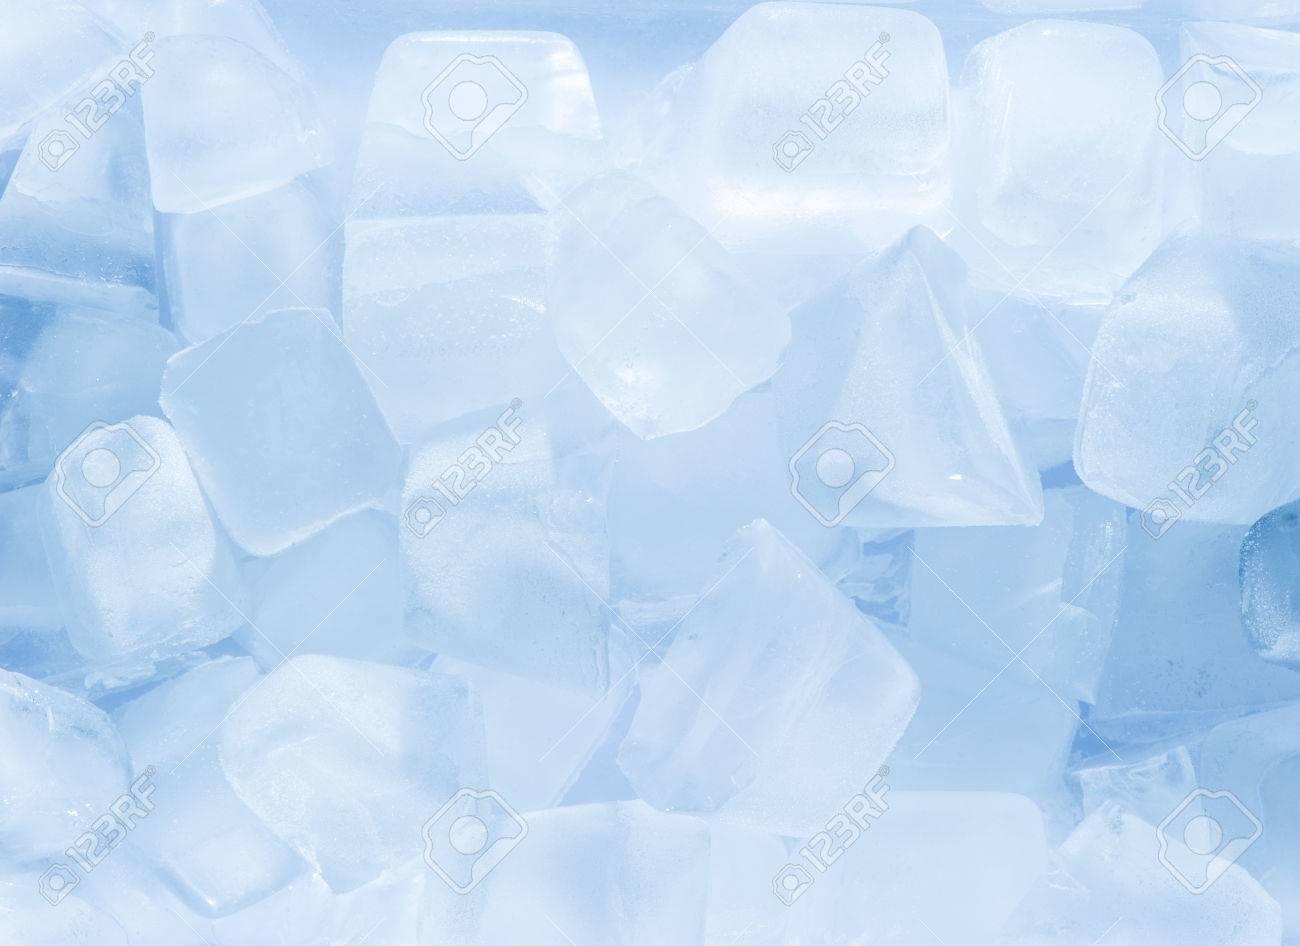 Bildergebnis für blue ice cubes